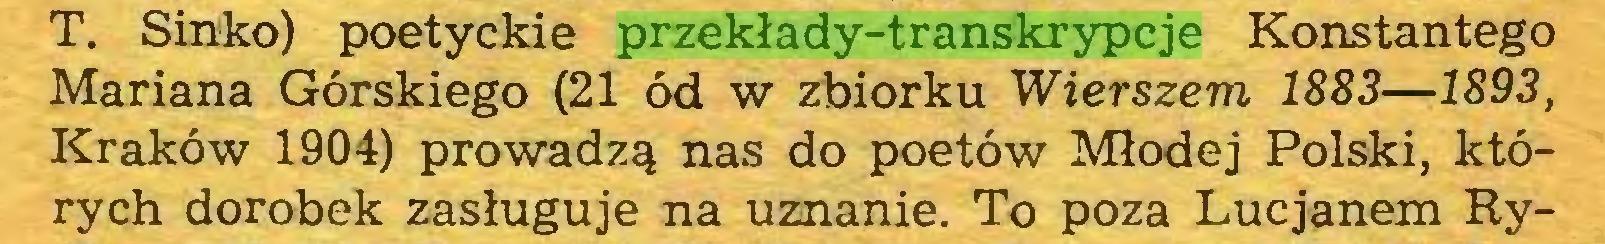 (...) T. Sinko) poetyckie przekłady-transkrypcje Konstantego Mariana Górskiego (21 ód w zbiorku Wierszem 1883—1893, Kraków 1904) prowadzą nas do poetów Młodej Polski, których dorobek zasługuje na uznanie. To poza Lucjanem Ry...